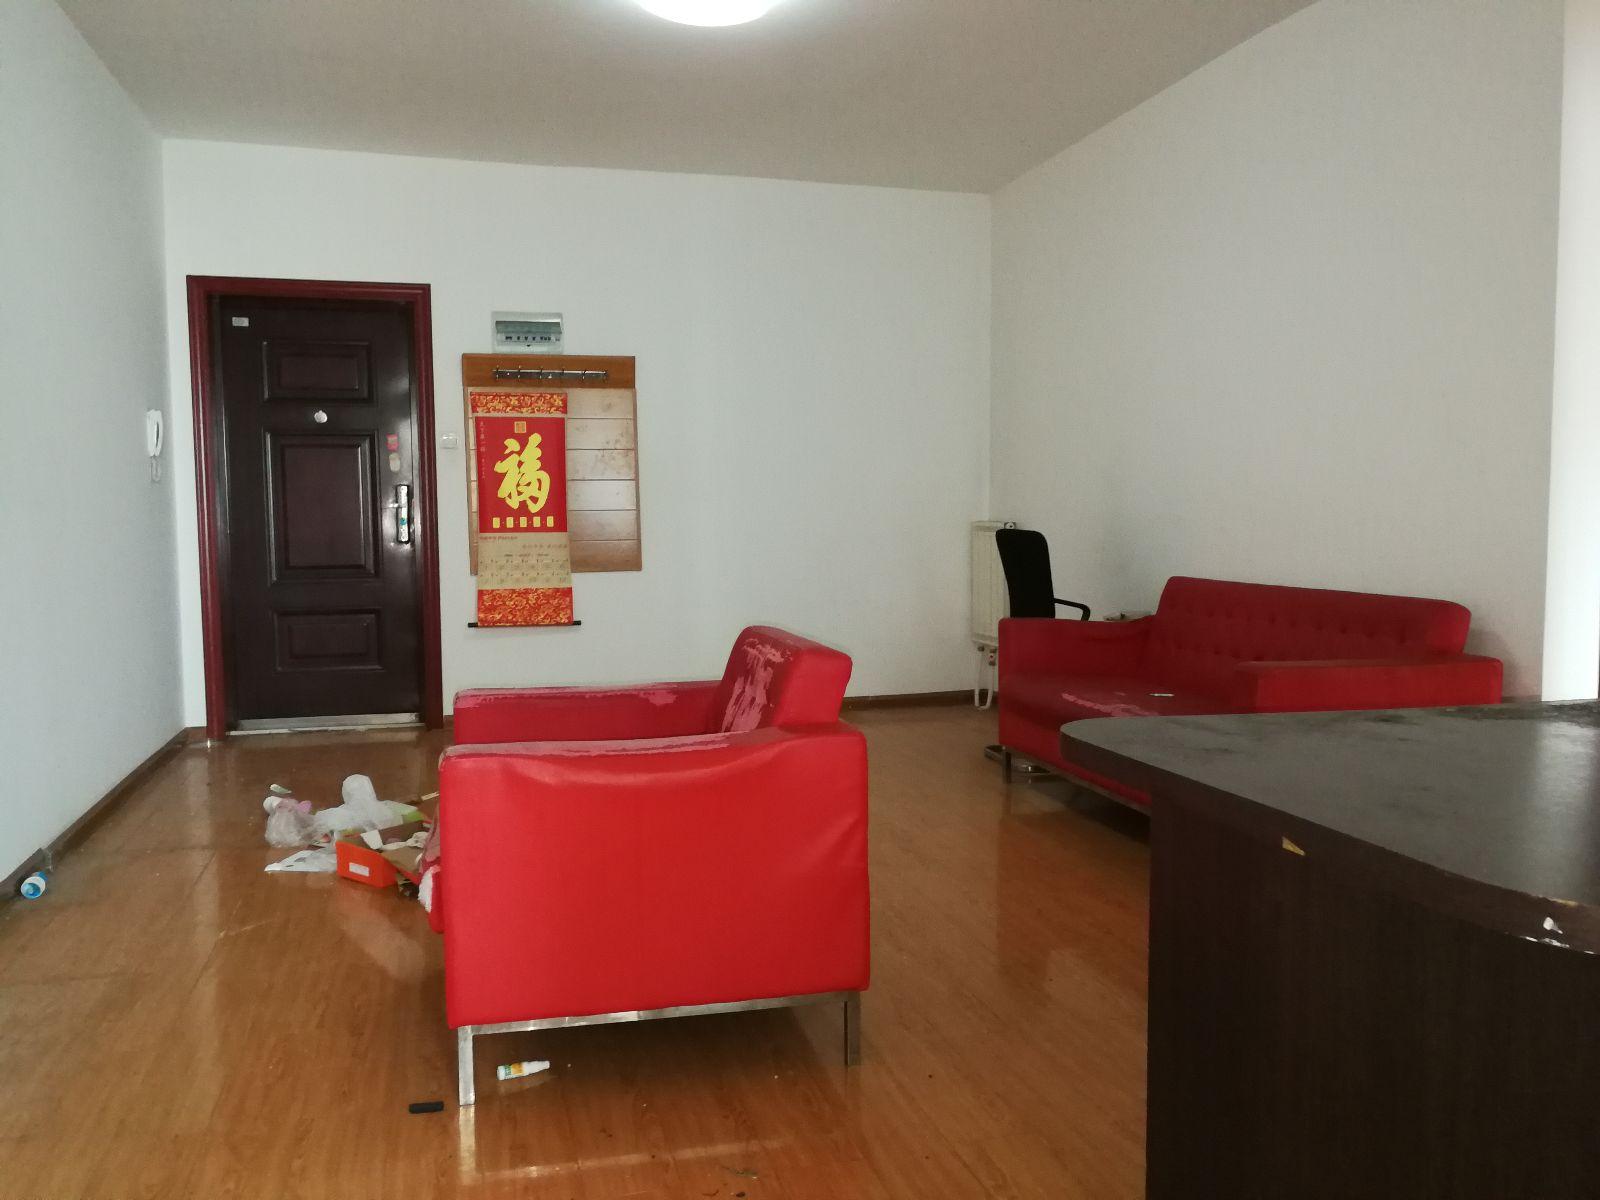 宝枫佳苑2居室精装修 朝南 不临街 低价出租 随时看房